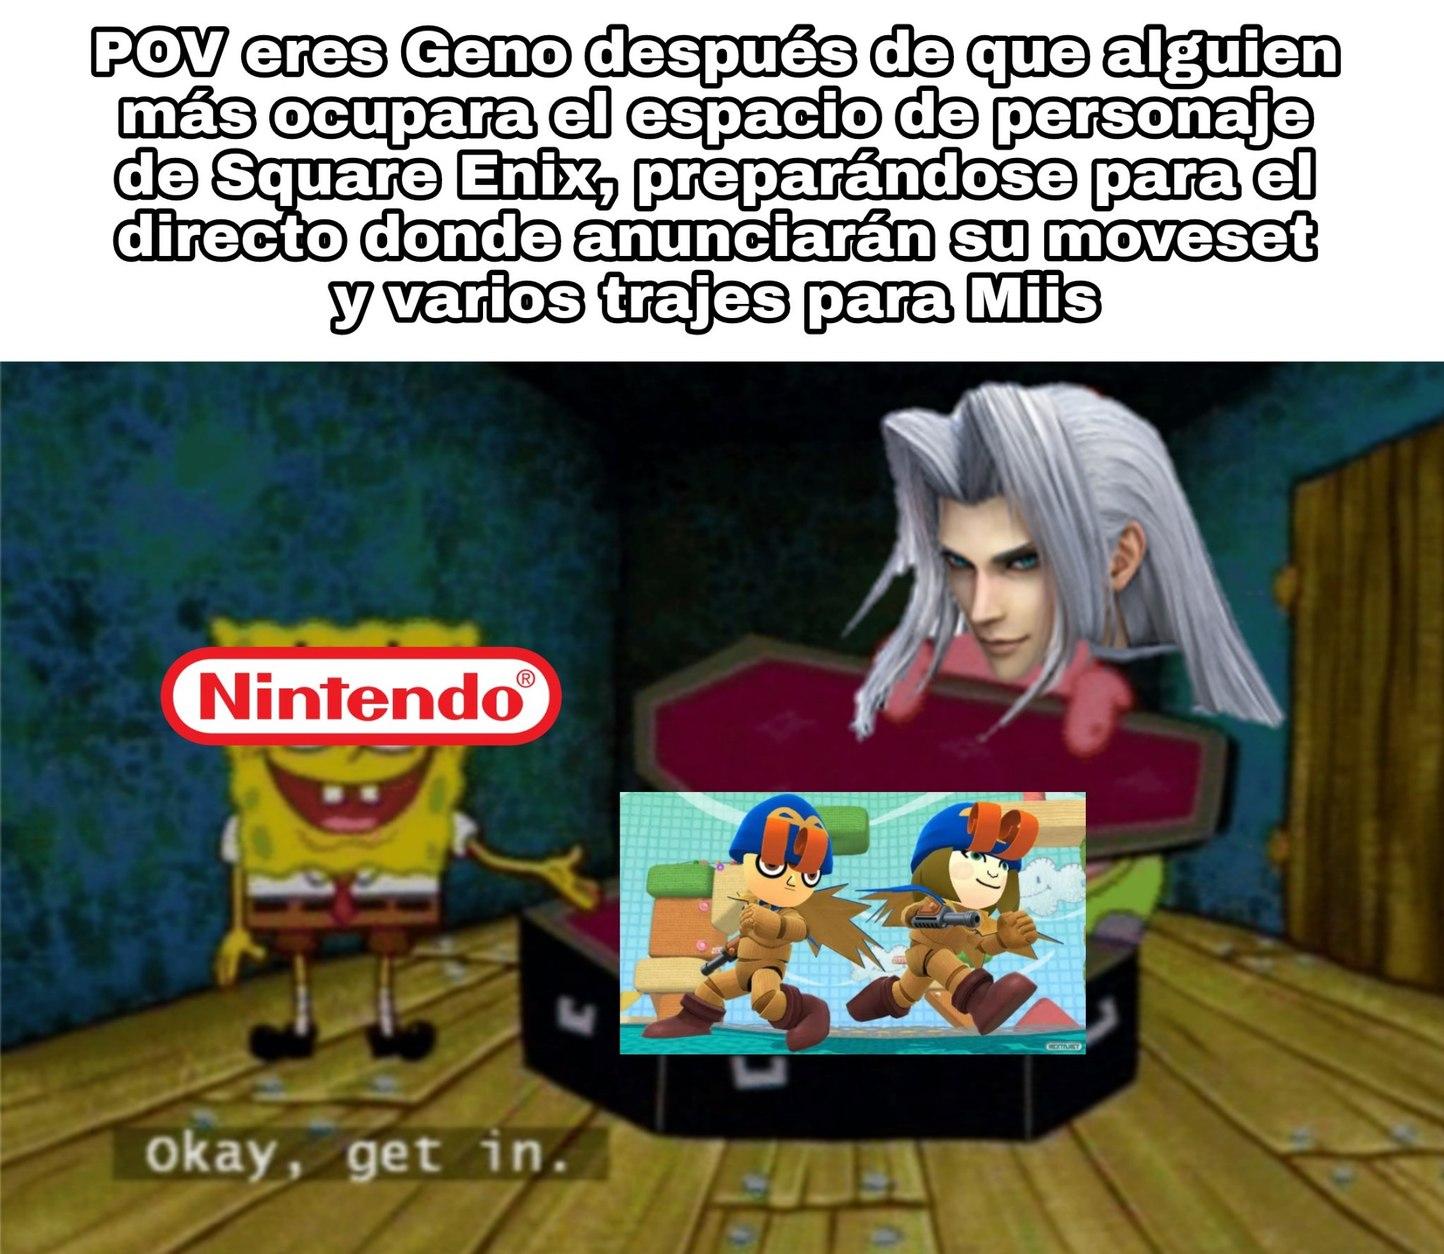 Por cierto, Super Mario RPG es una mierda de juego - meme